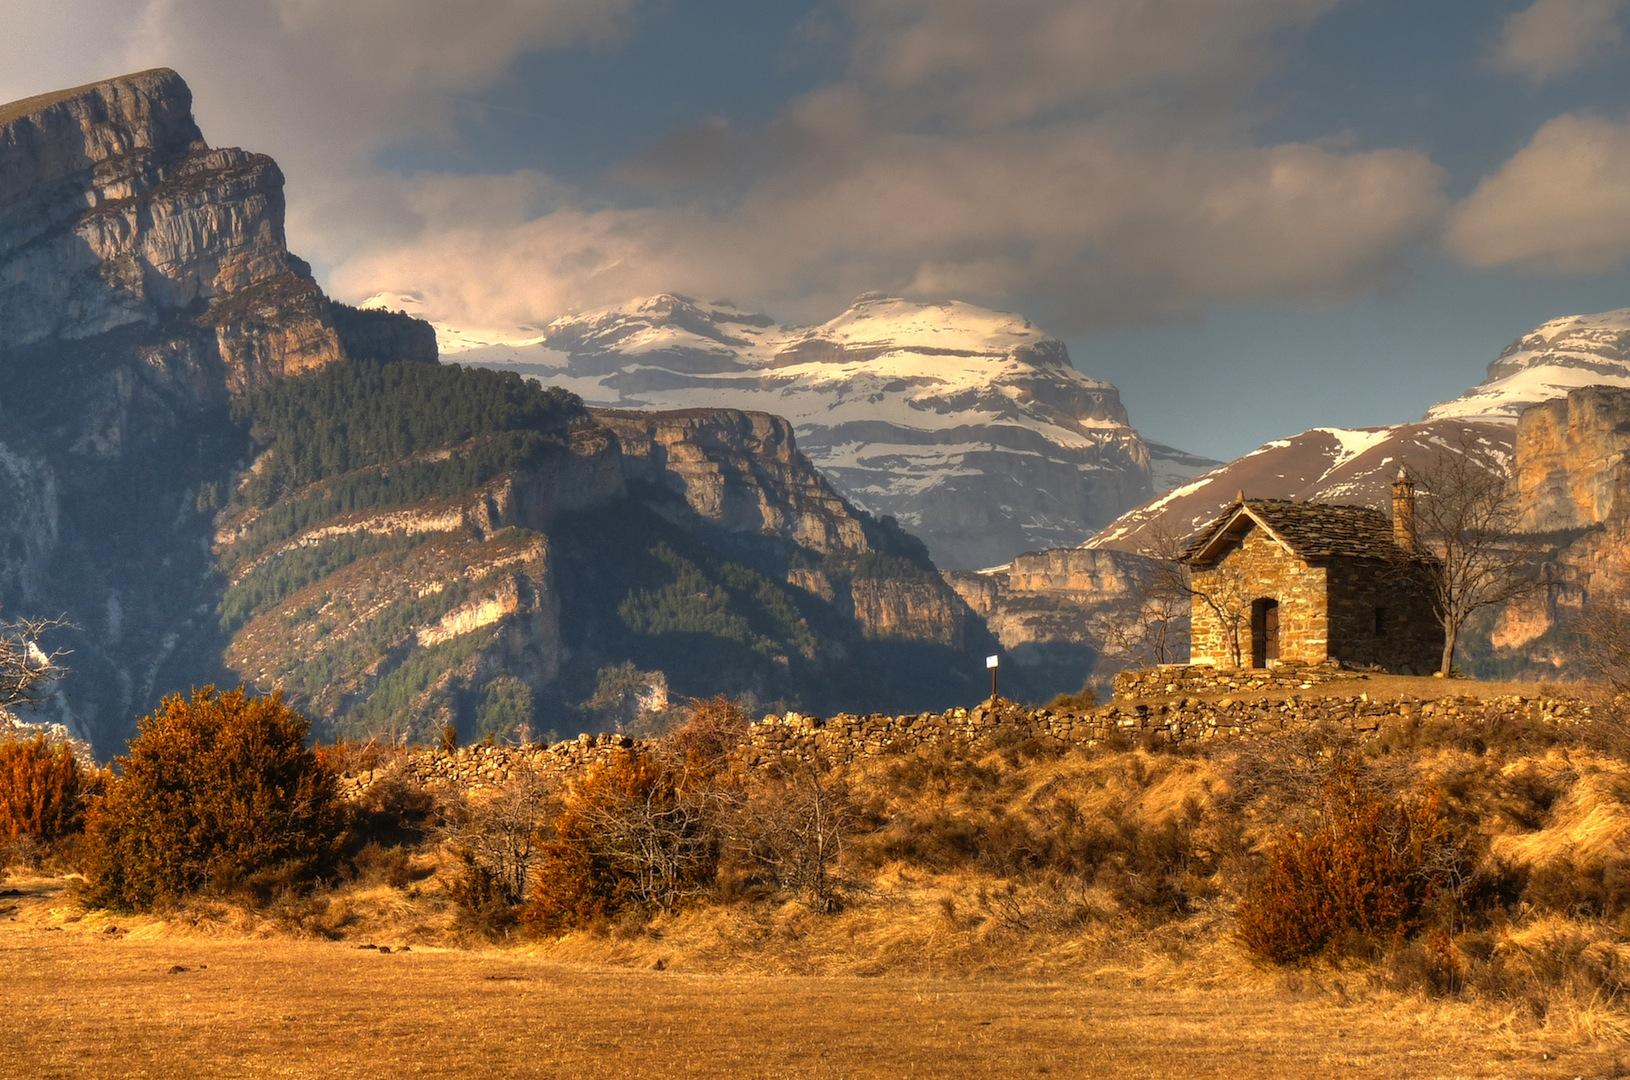 9. Monte Perdido en la distancia. Autor, Juan del Pozo